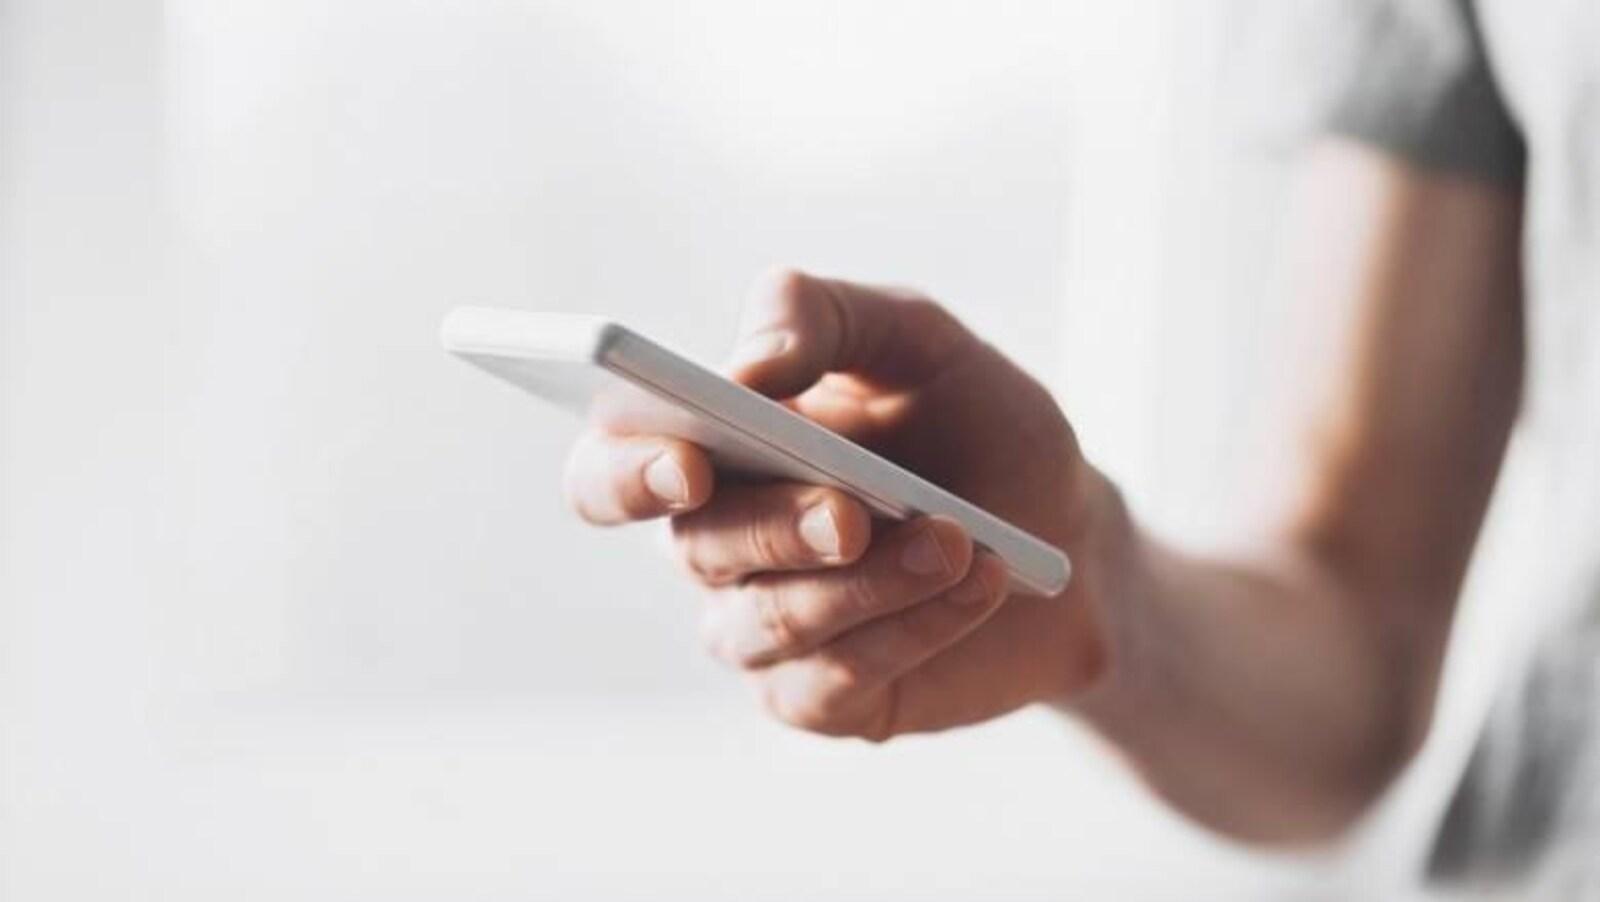 Une personne tient un cellulaire à la main.